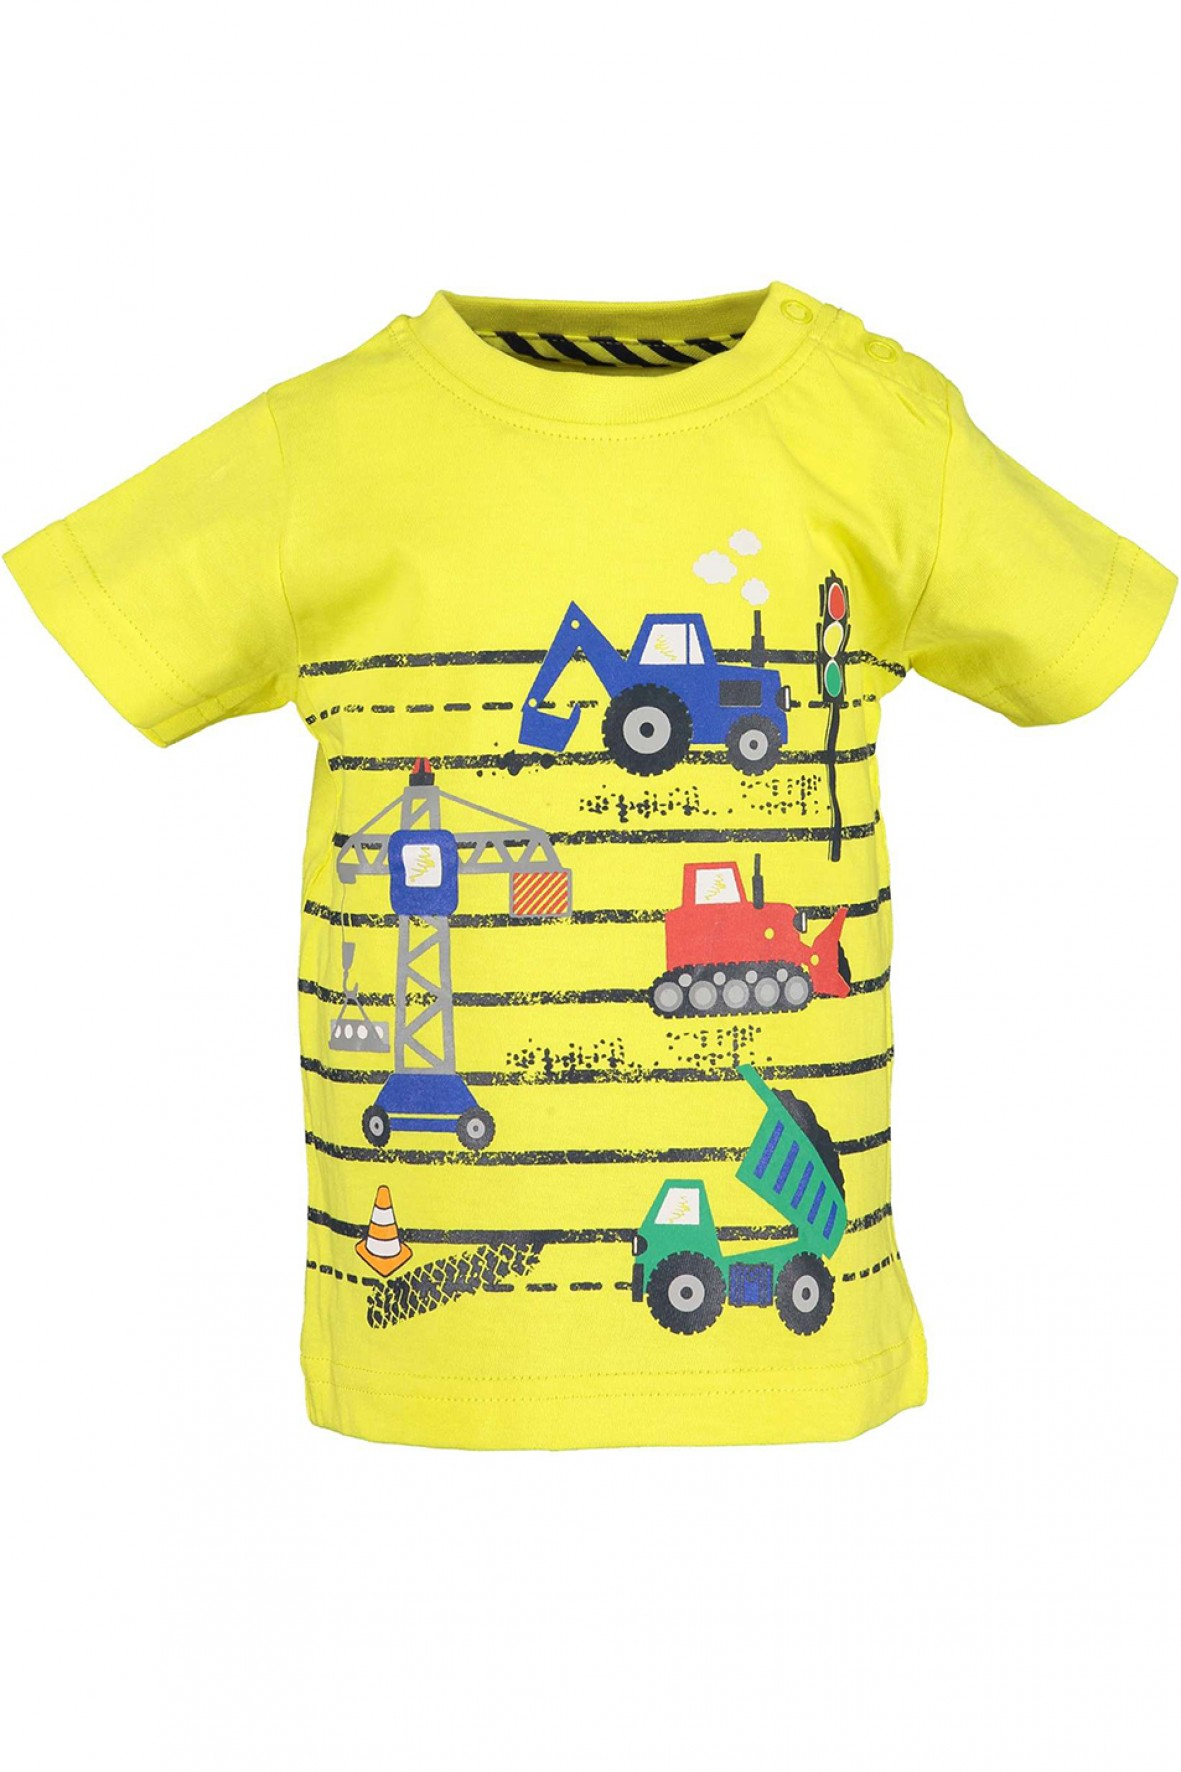 Koszulka chłopięca żółta z pojazdami budowlanymi